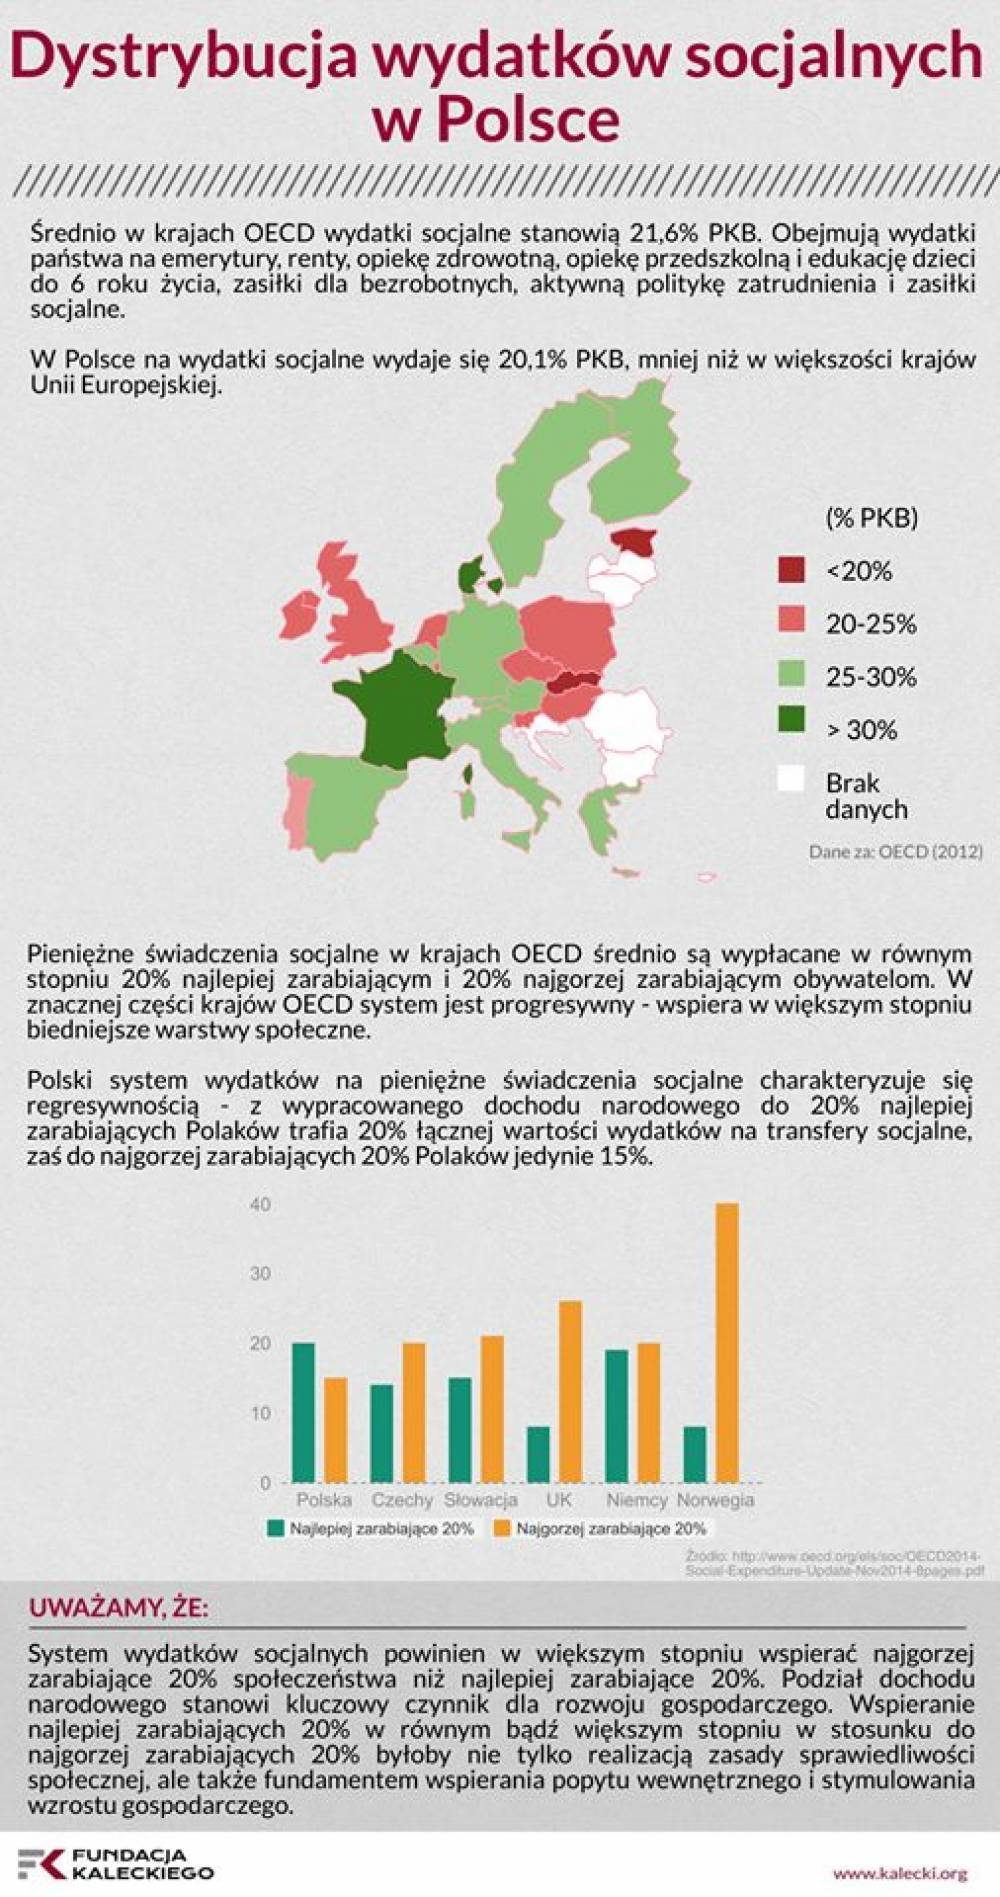 Dystrybucja wydatków socjalnych w Polsce